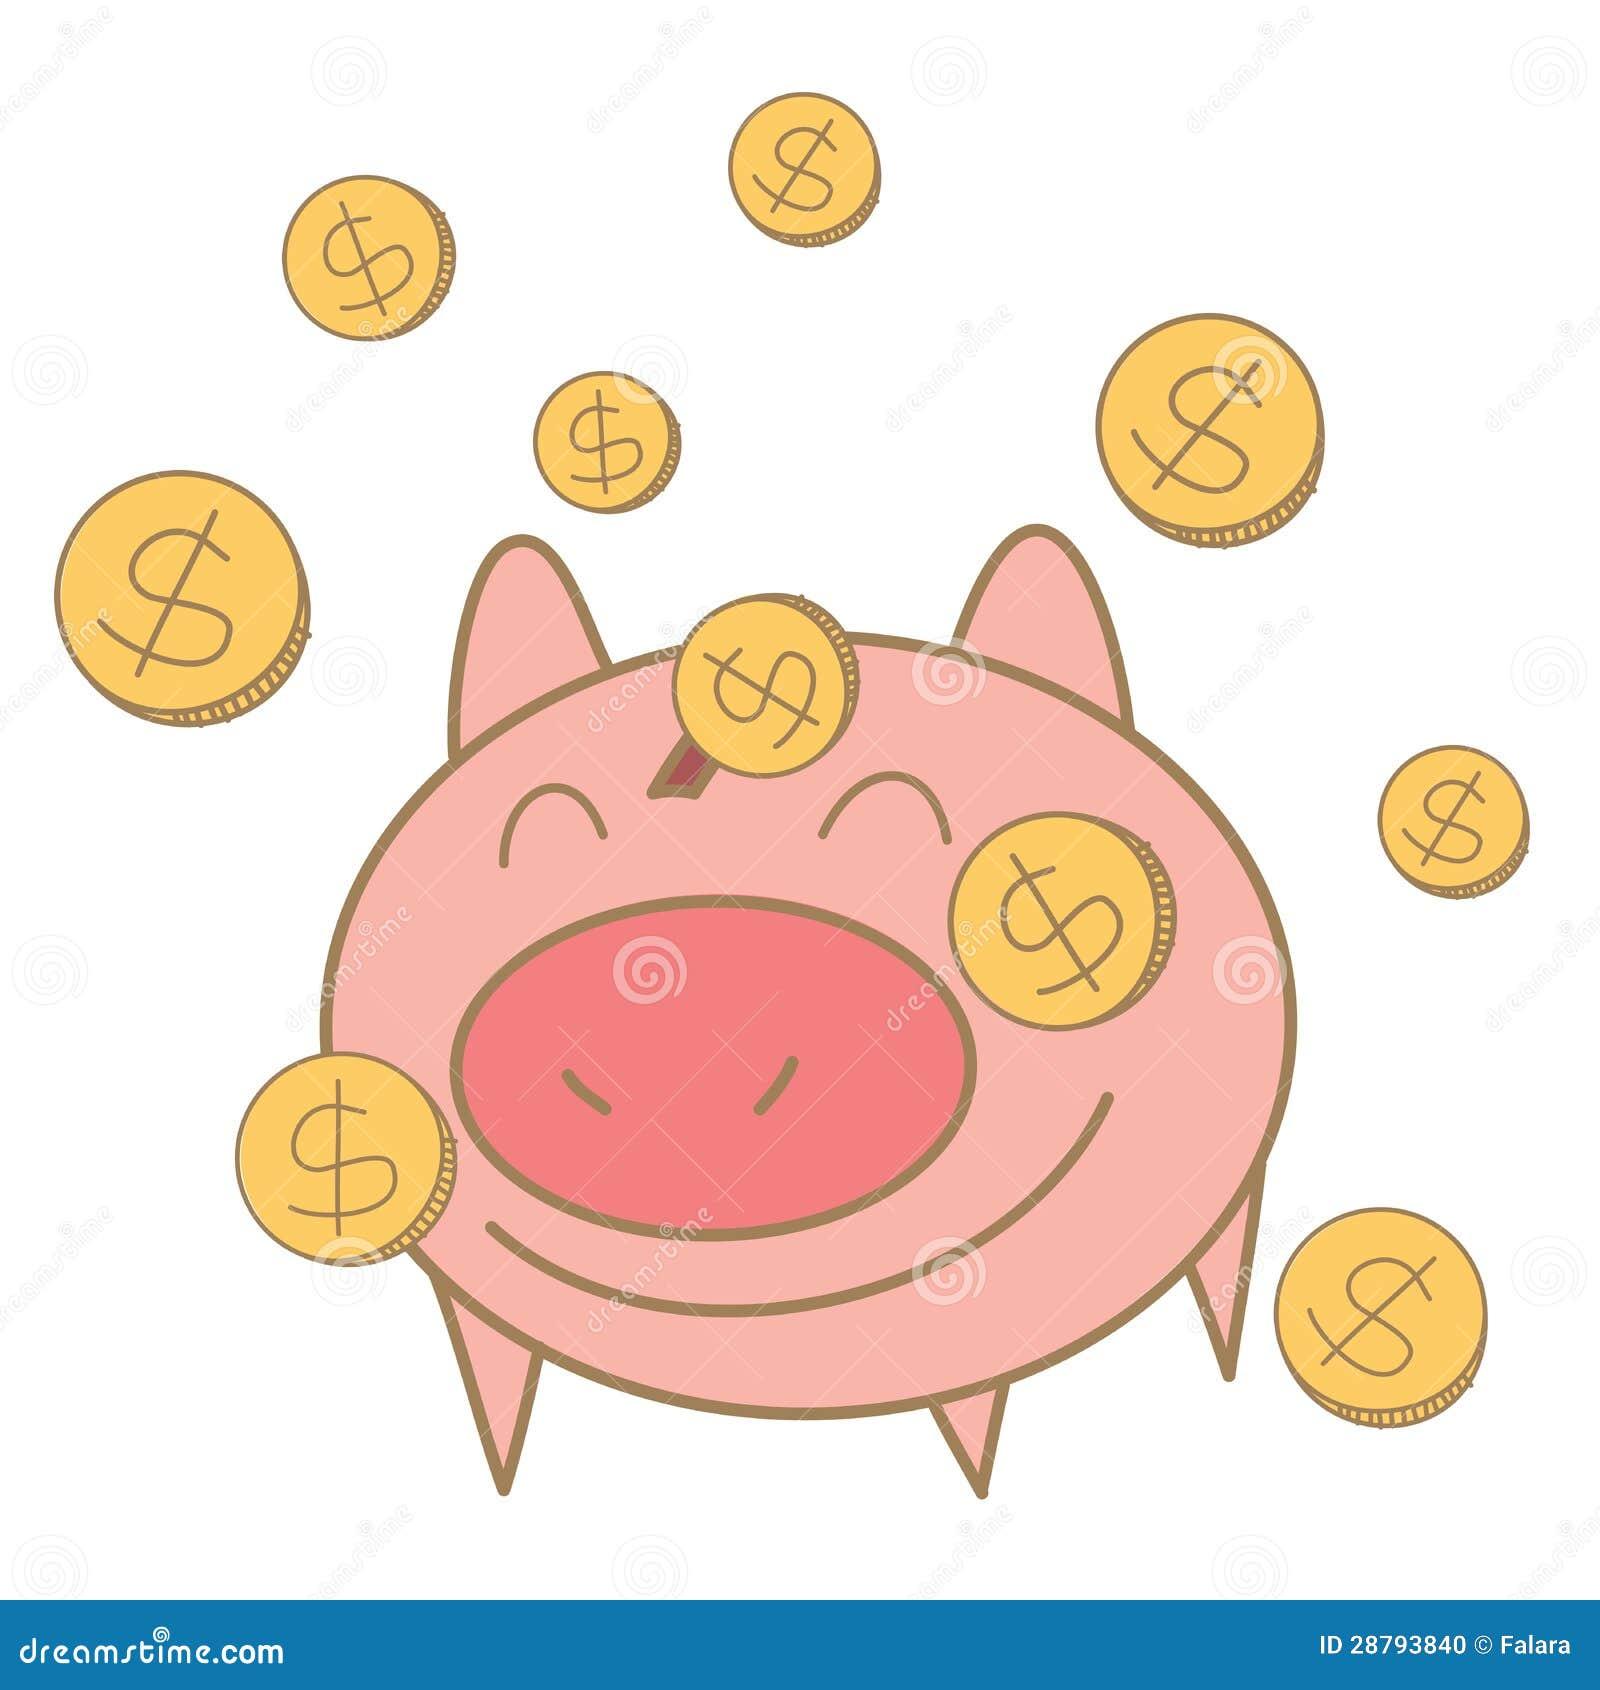 come risparmiare soldi salvadanaio